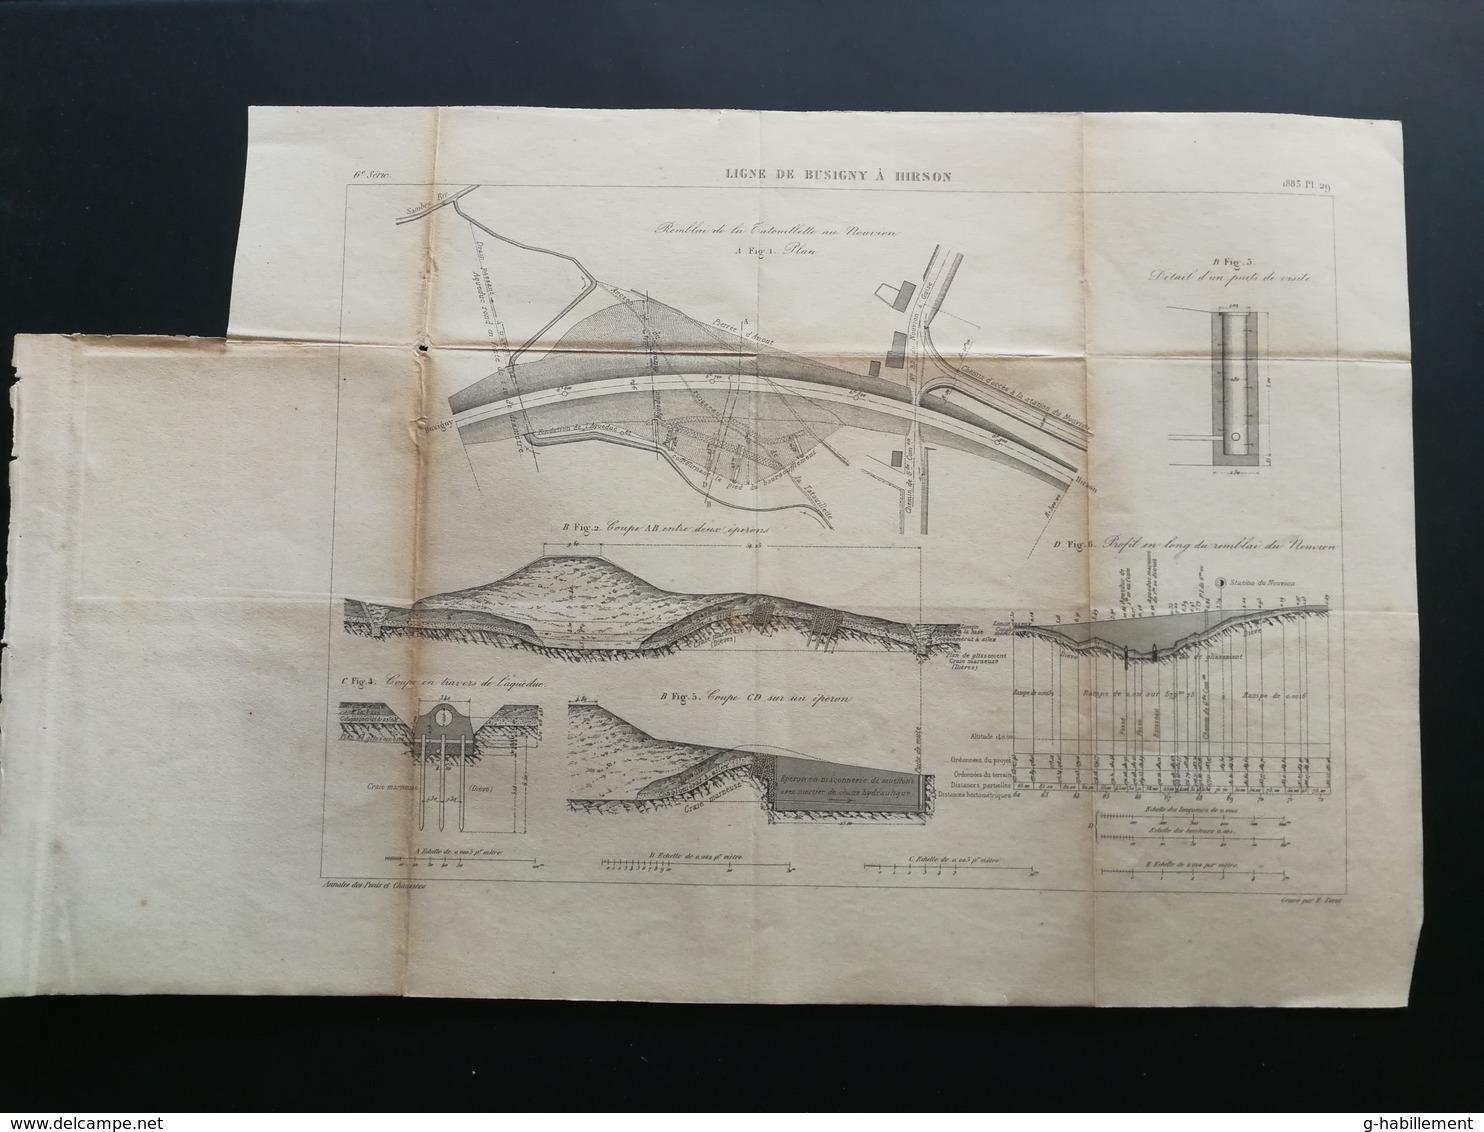 ANNALES DES PONTS Et CHAUSSEES (Dep 02) - Plan De La Ligne De Busigny à Hirson - Graveur E.Pérot 1883 (CLD67) - Cartes Marines